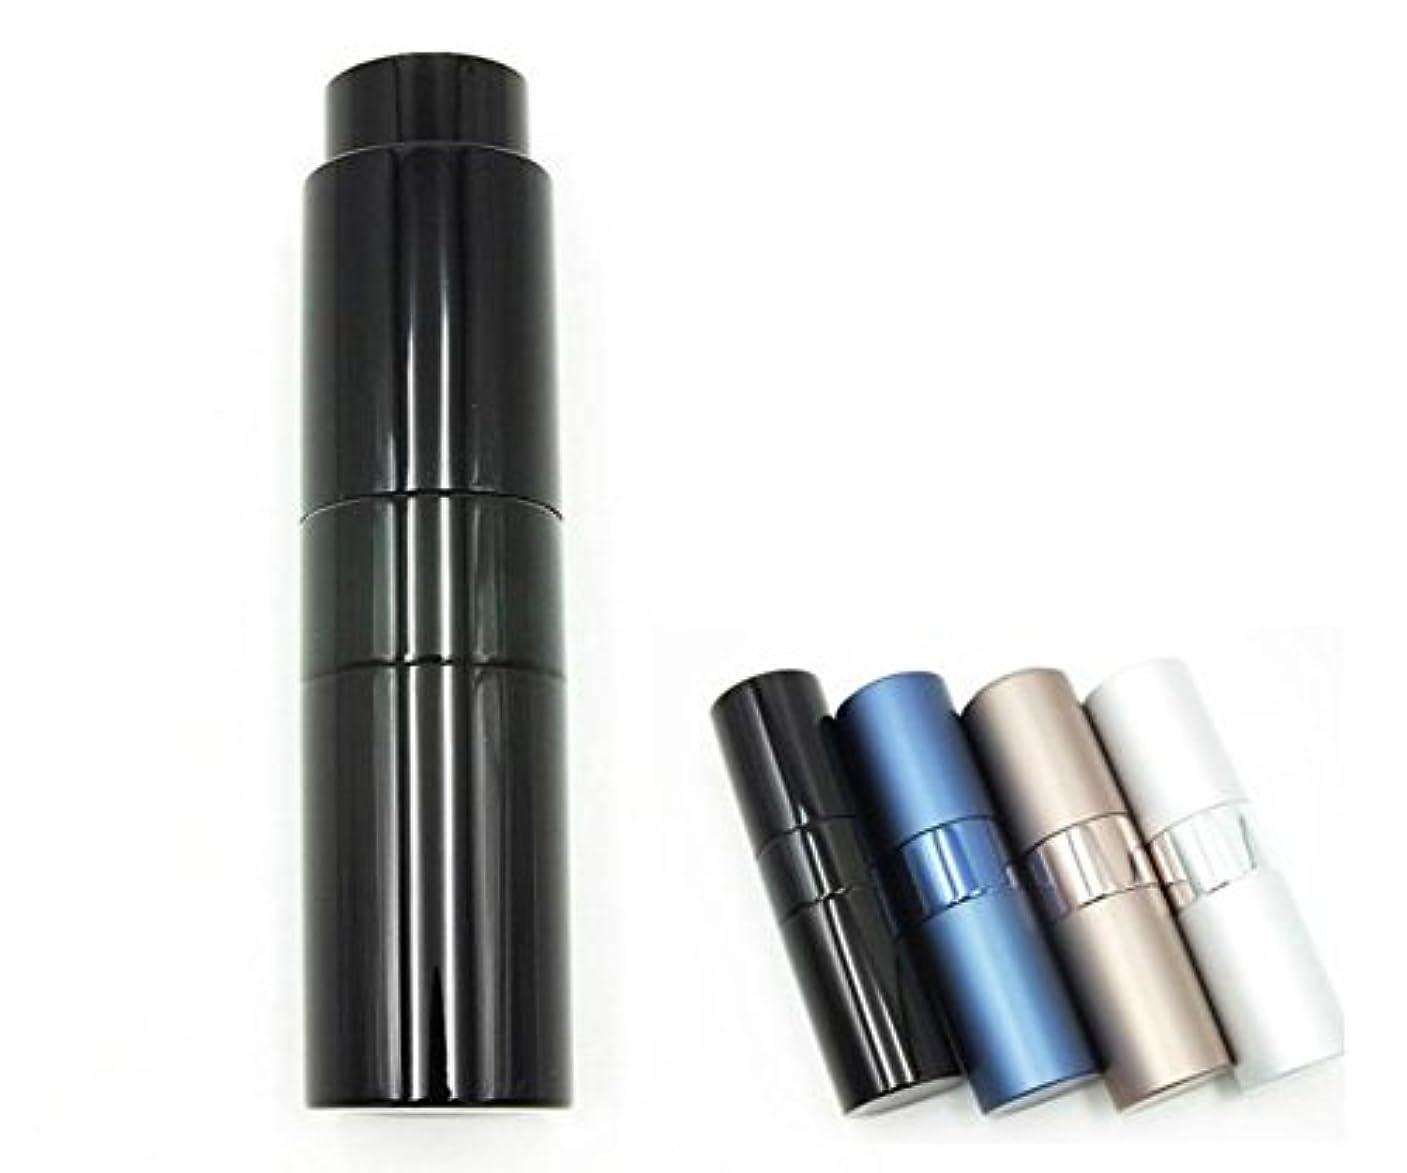 操作ものShopXJ 香水 メンズ アトマイザー 大人 男性 プッシュ式 詰め替え 持ち運び 身だしなみ 携帯用 15ml (ブラック)